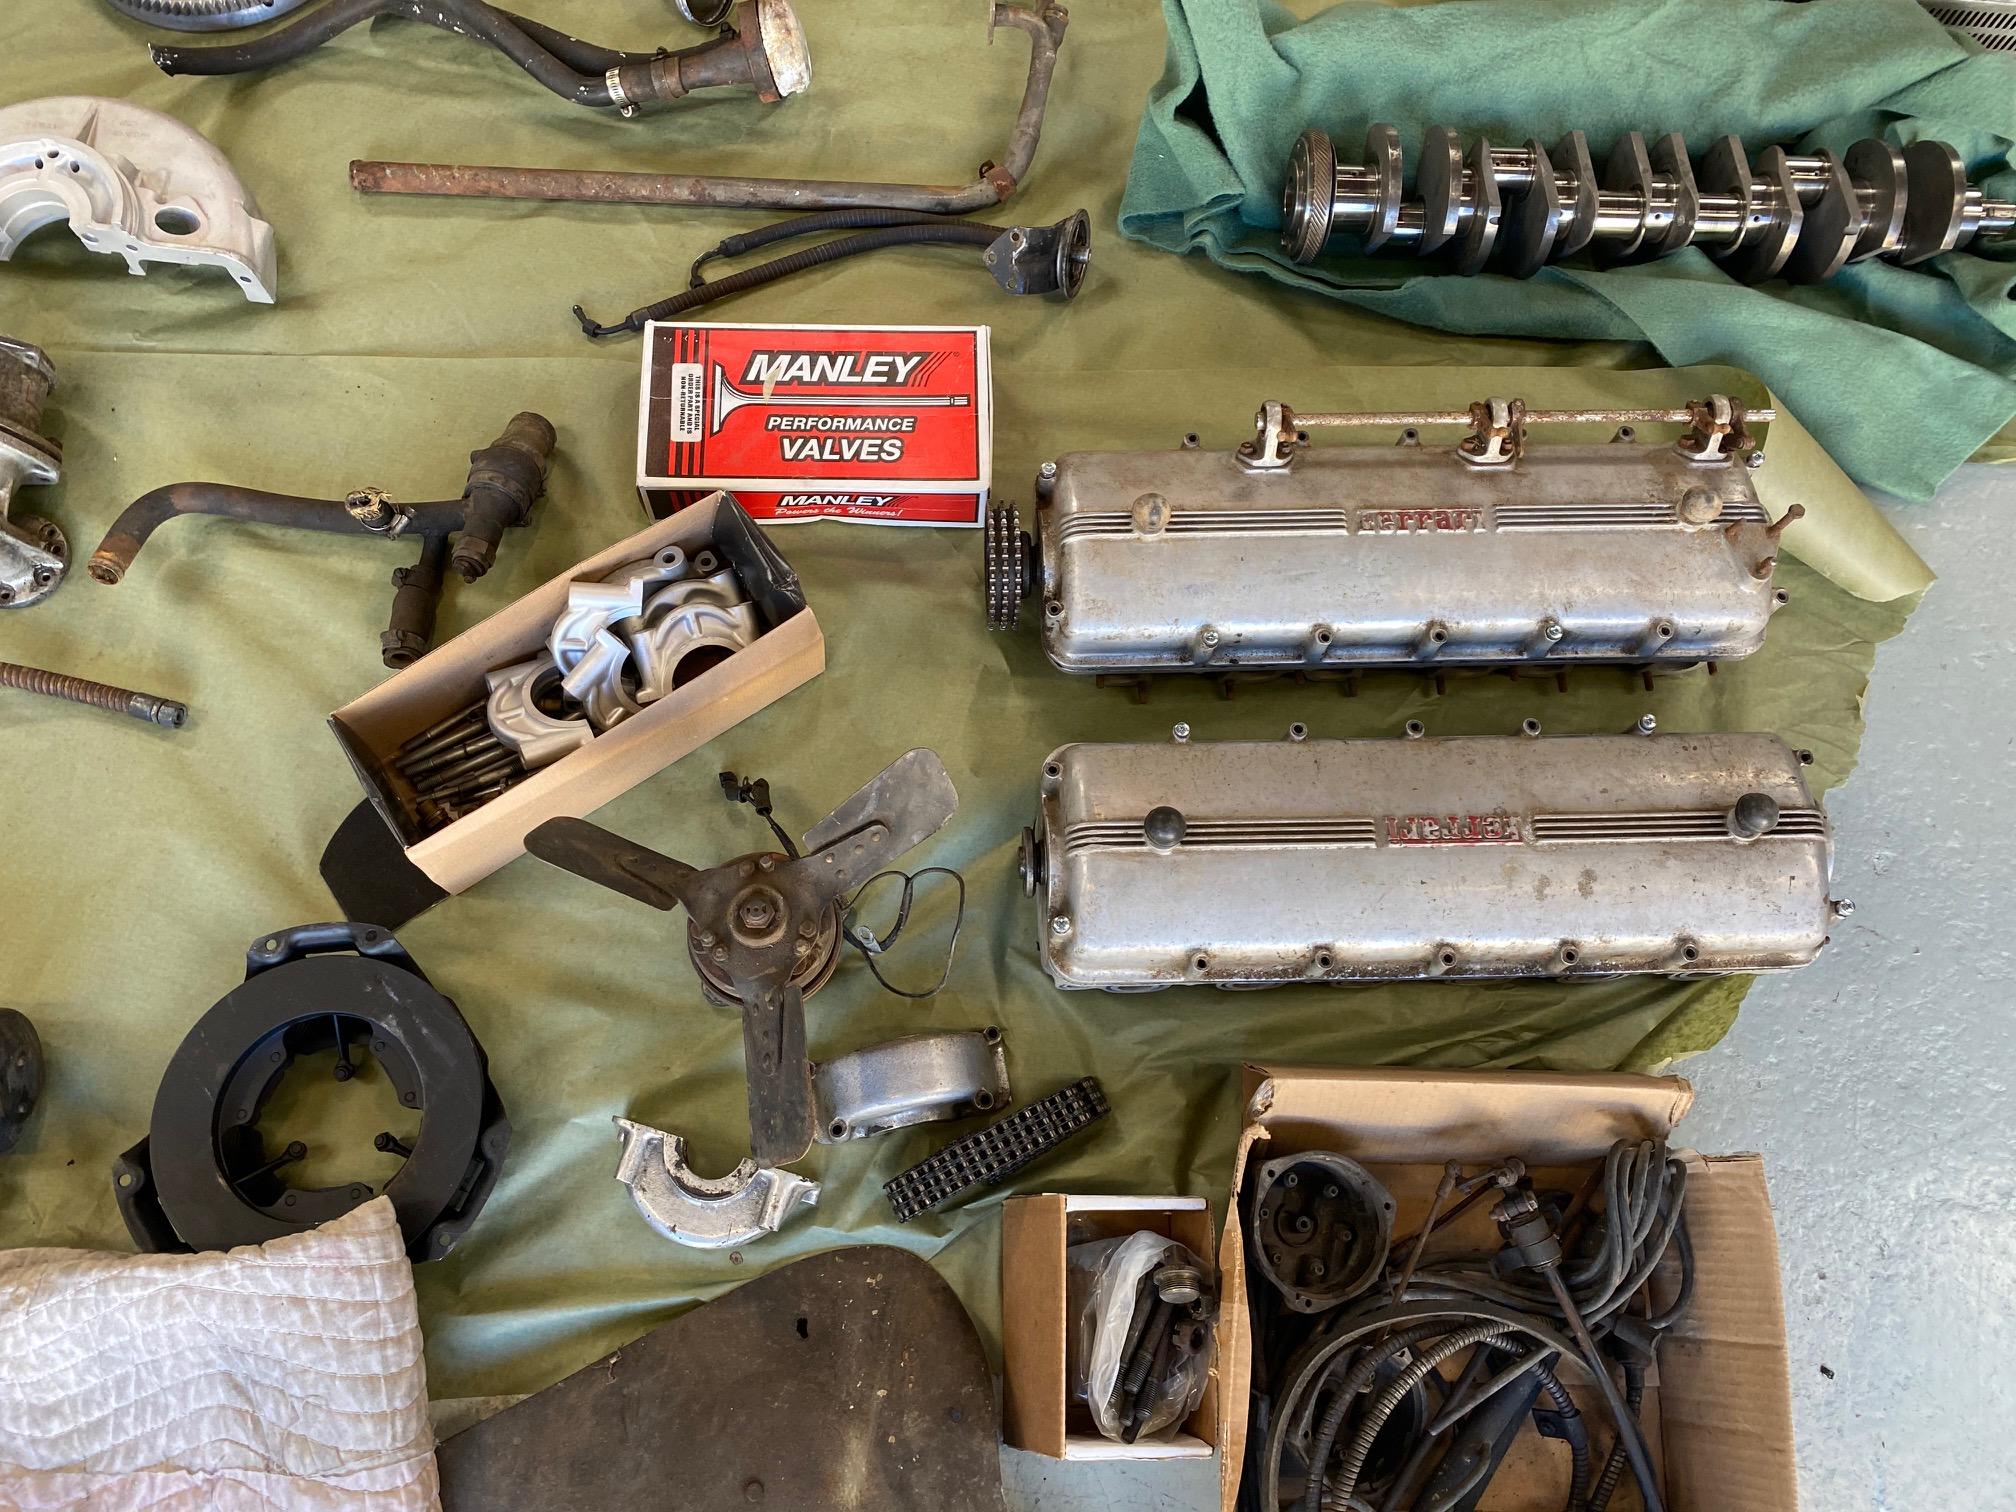 1961 Ferrari 250 GTE engine #2451GTE